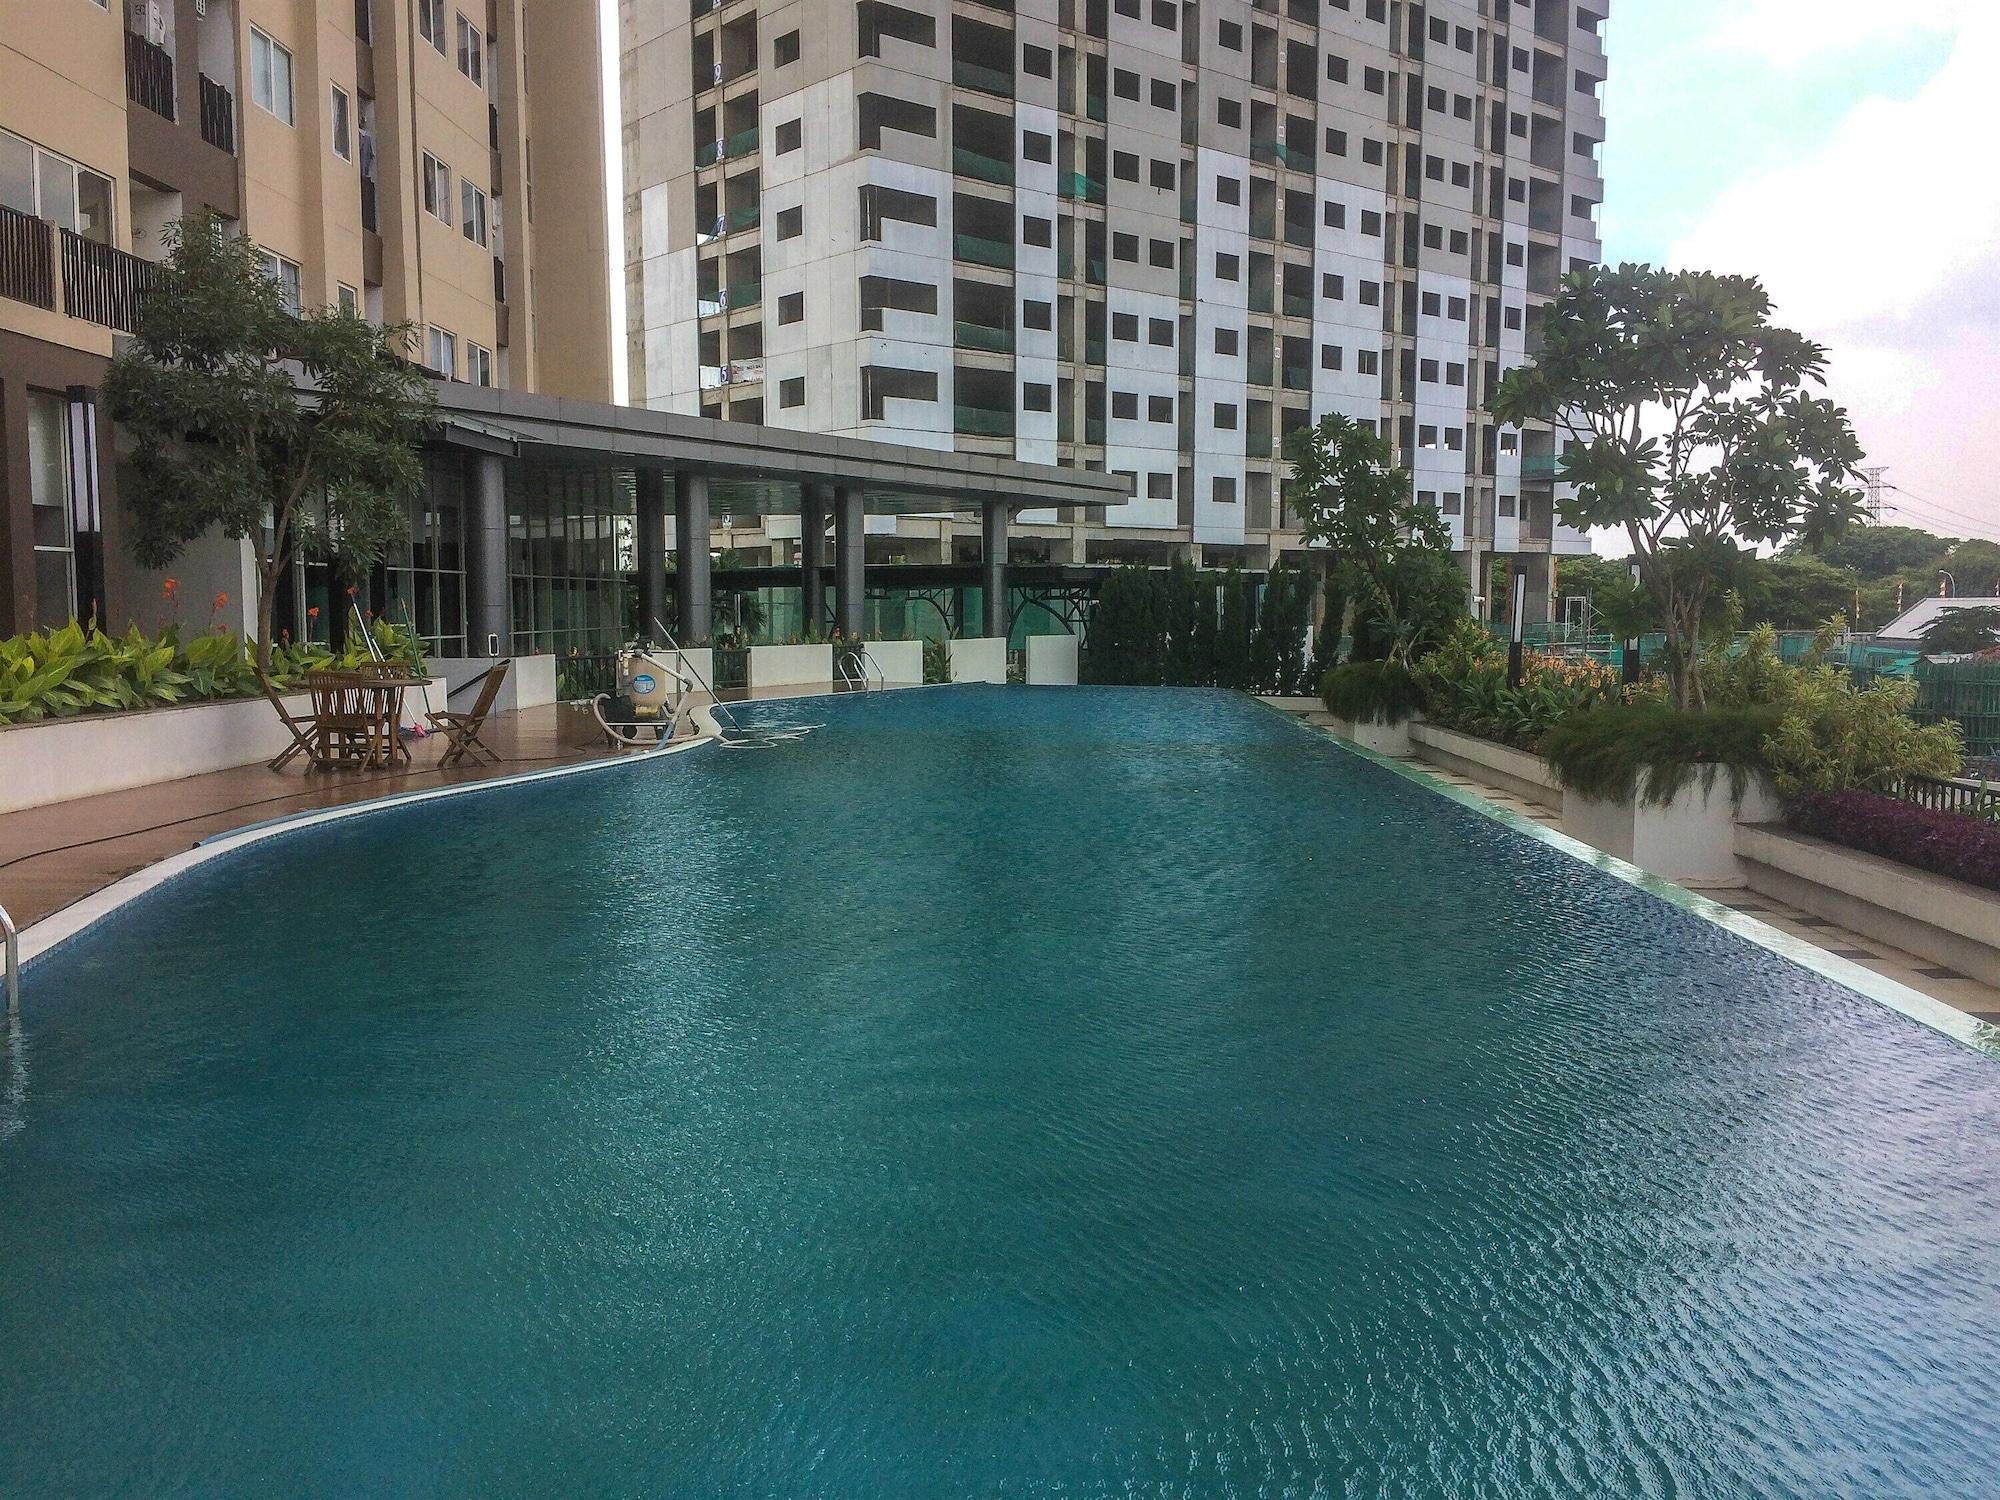 1BR with Working Space The Oasis Apartment Cikarang, Cikarang